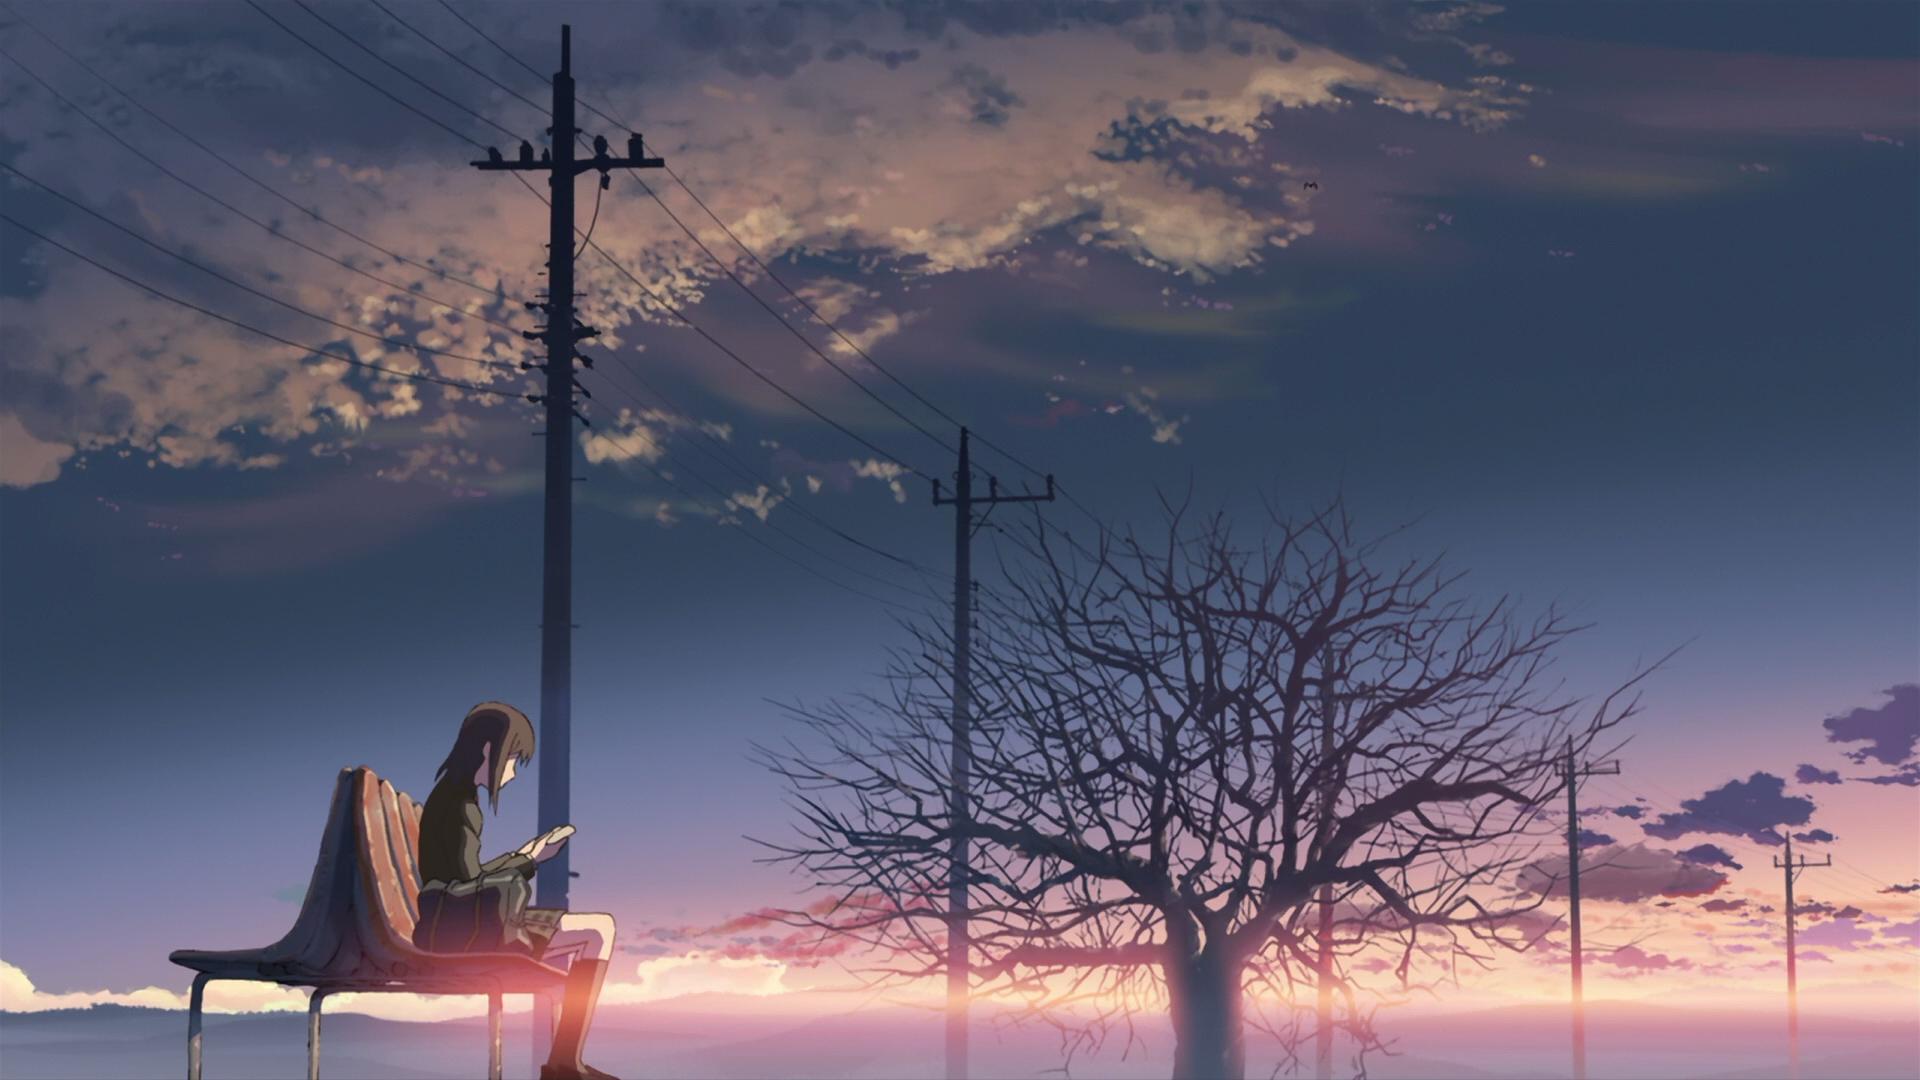 [ANIMAÇÃO] Netflix traz obras de Makoto Shinkai no catálogo